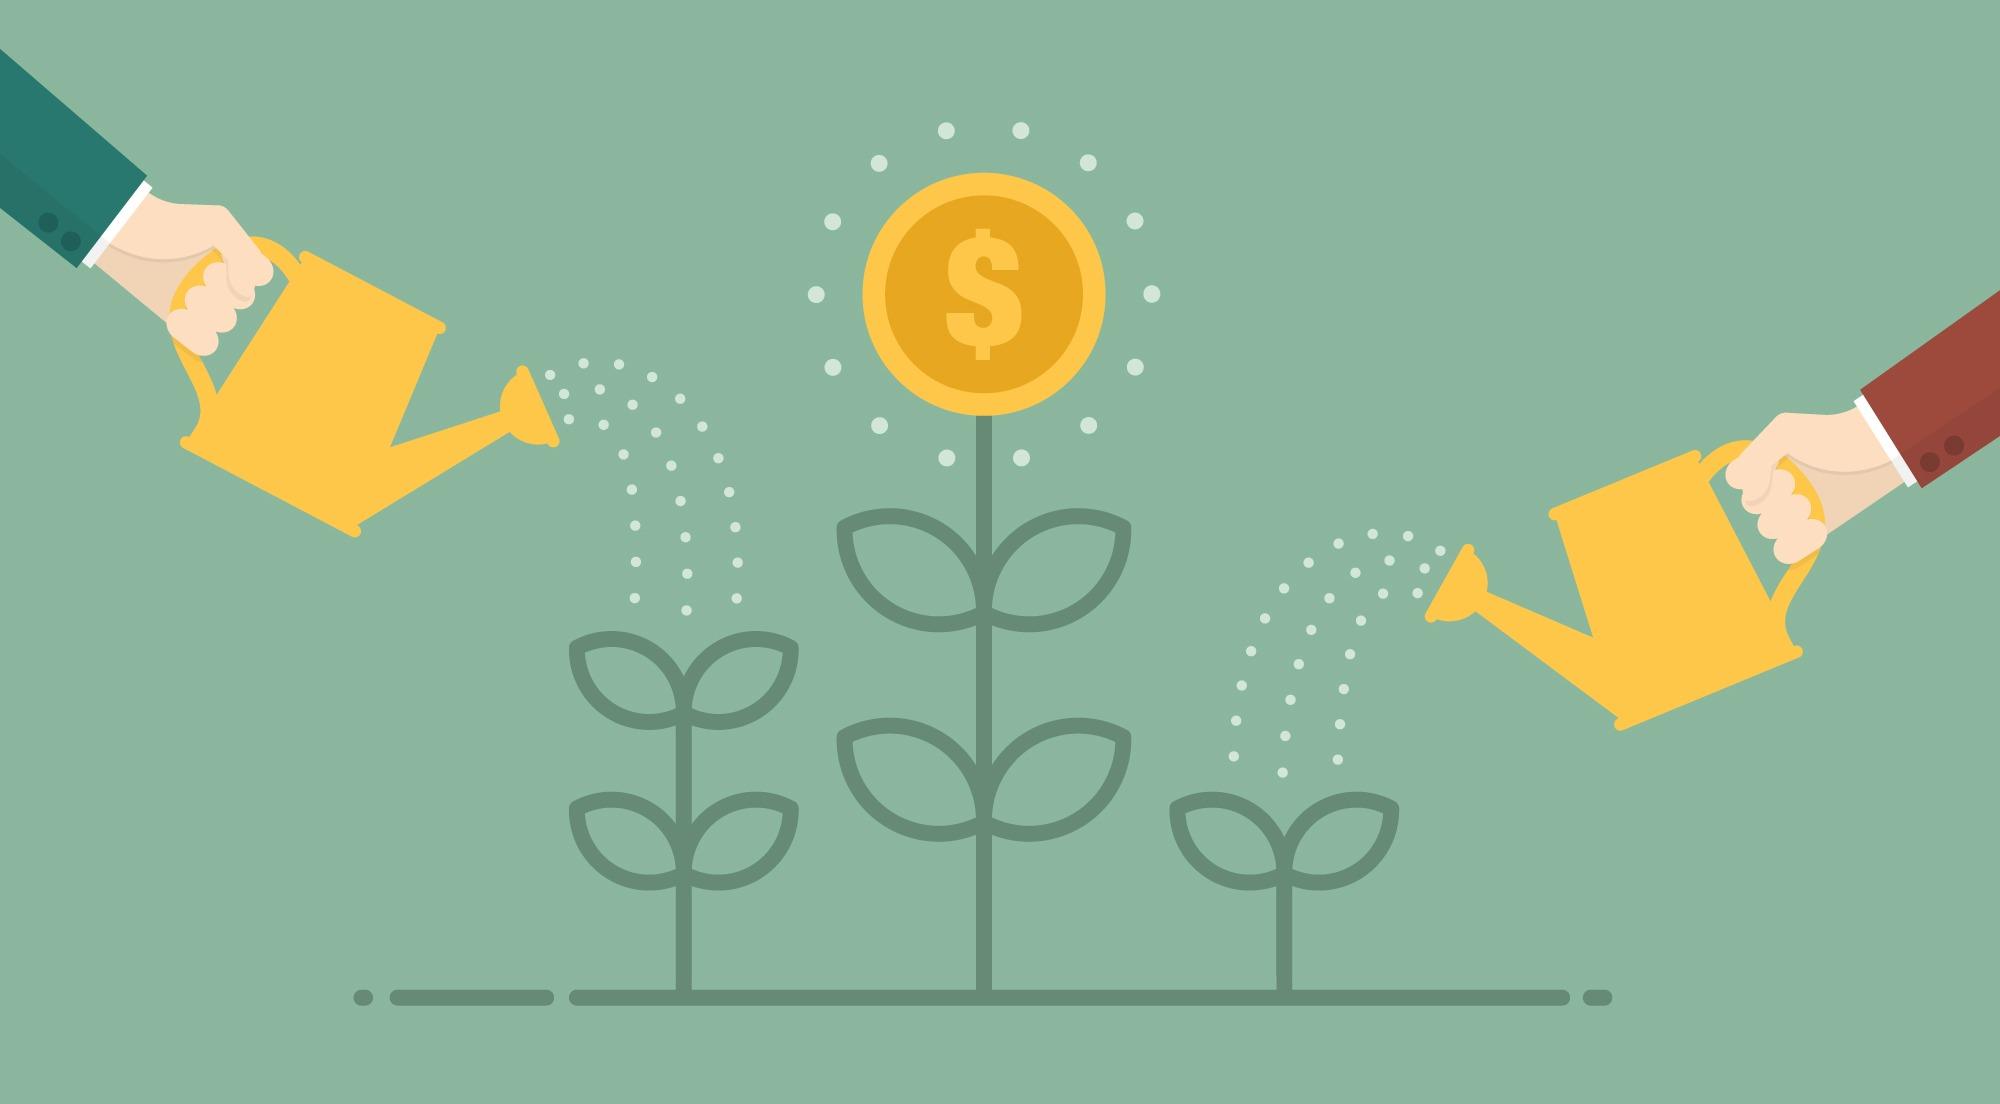 事業を展開するには「縦に伸ばす」か「横に伸ばす」か